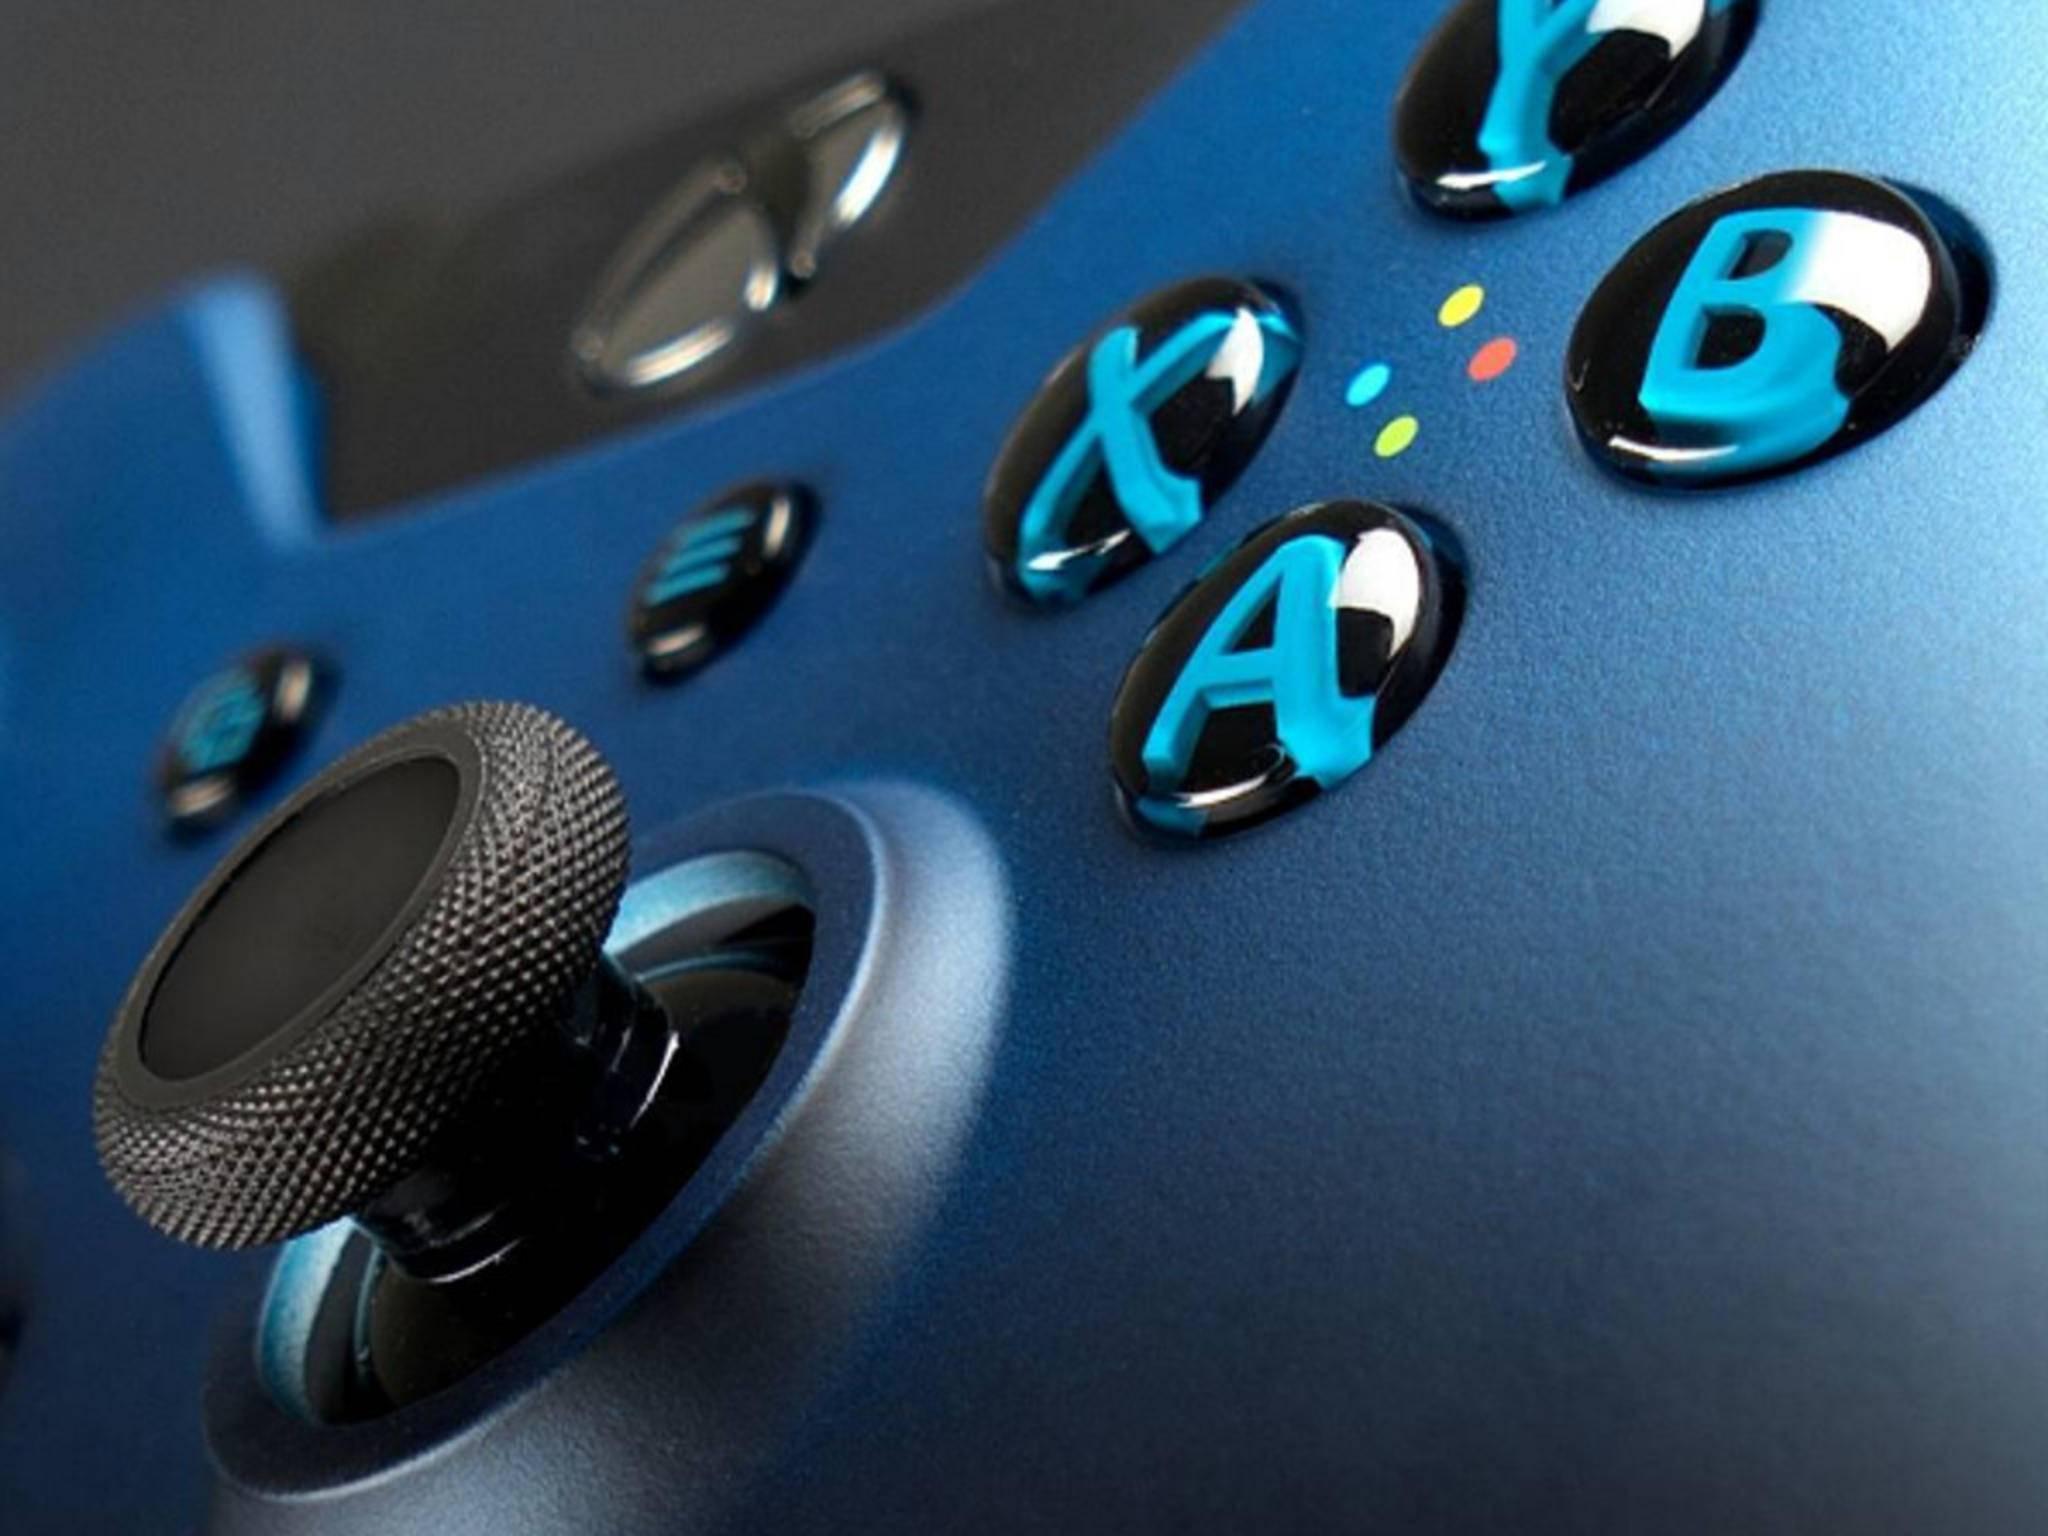 Die Xbox One bekommt mit einem Update neue Features.